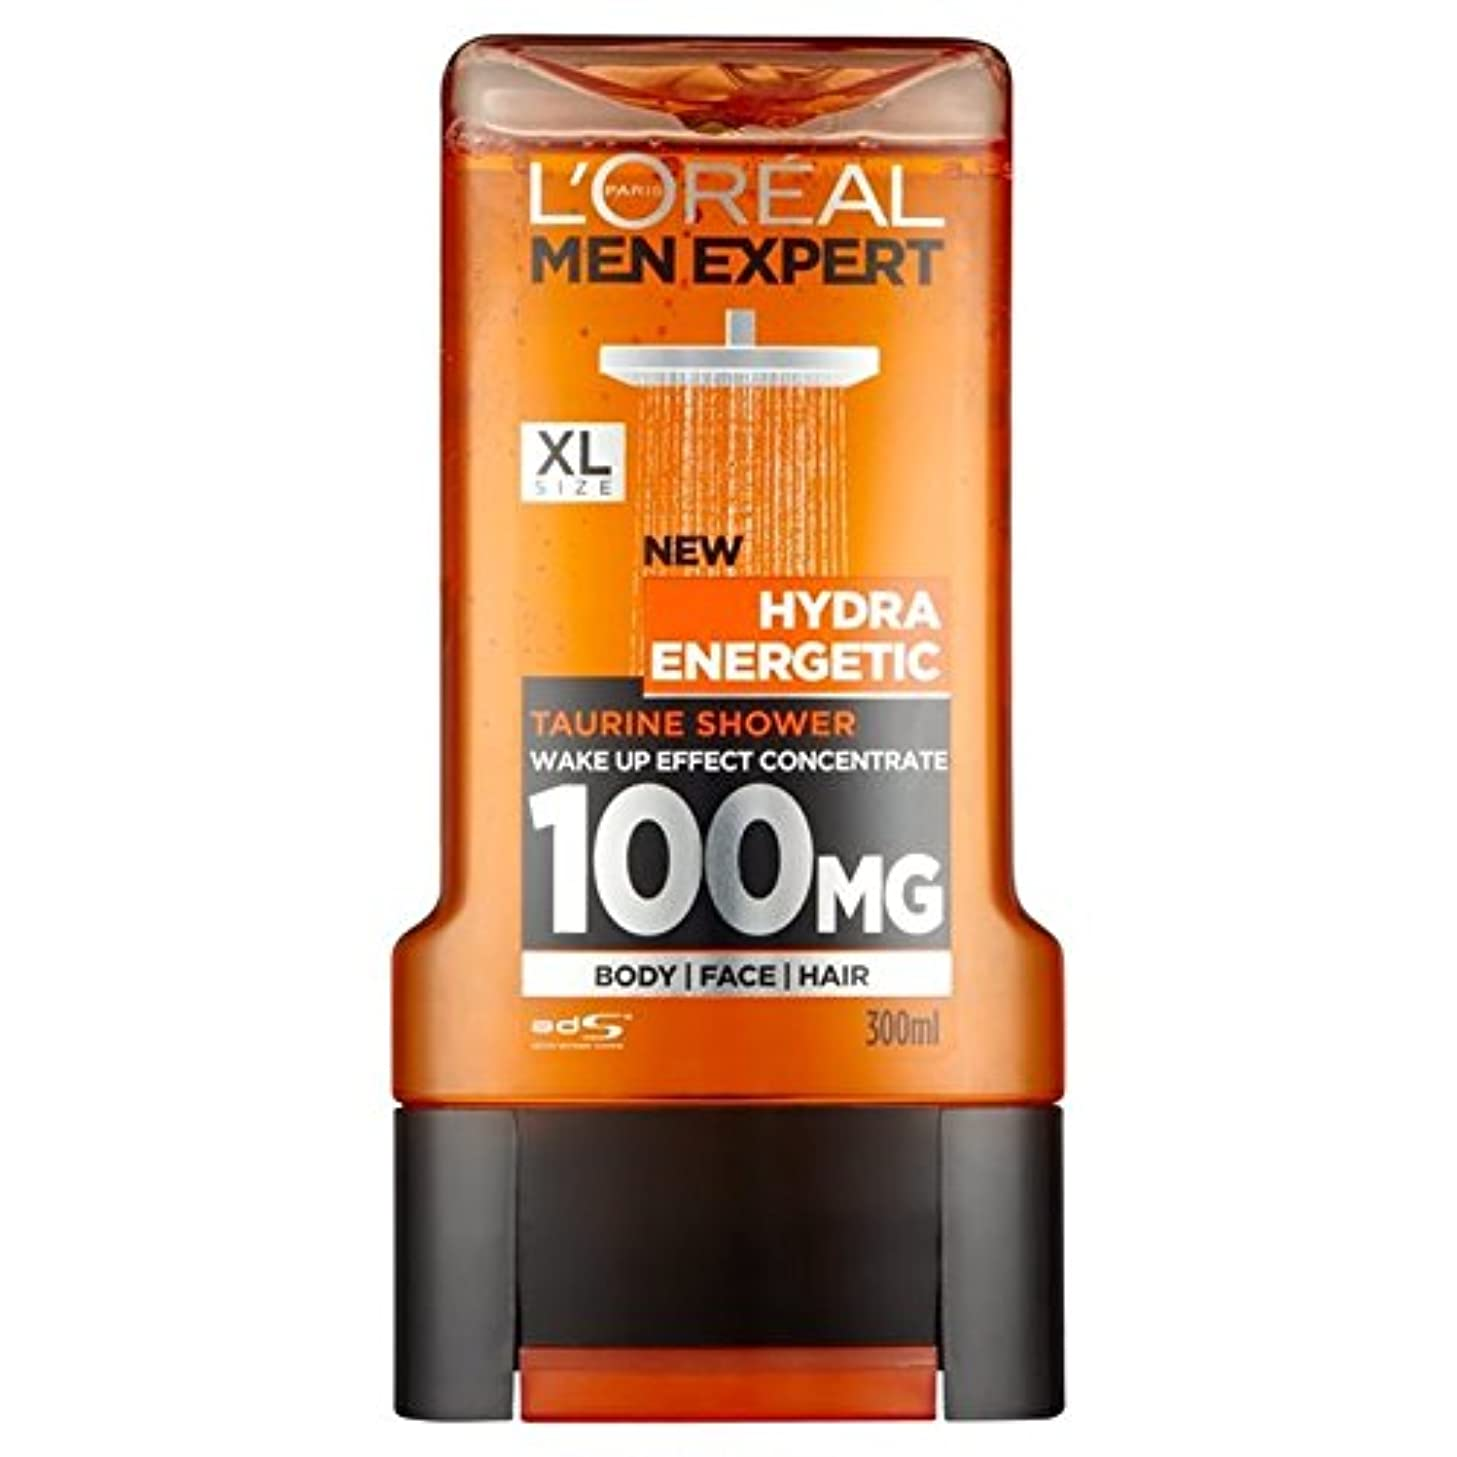 鉛範囲鏡ロレアルパリのメンズ専門家ヒドラエネルギッシュなシャワージェル300ミリリットル x2 - L'Oreal Paris Men Expert Hydra Energetic Shower Gel 300ml (Pack...